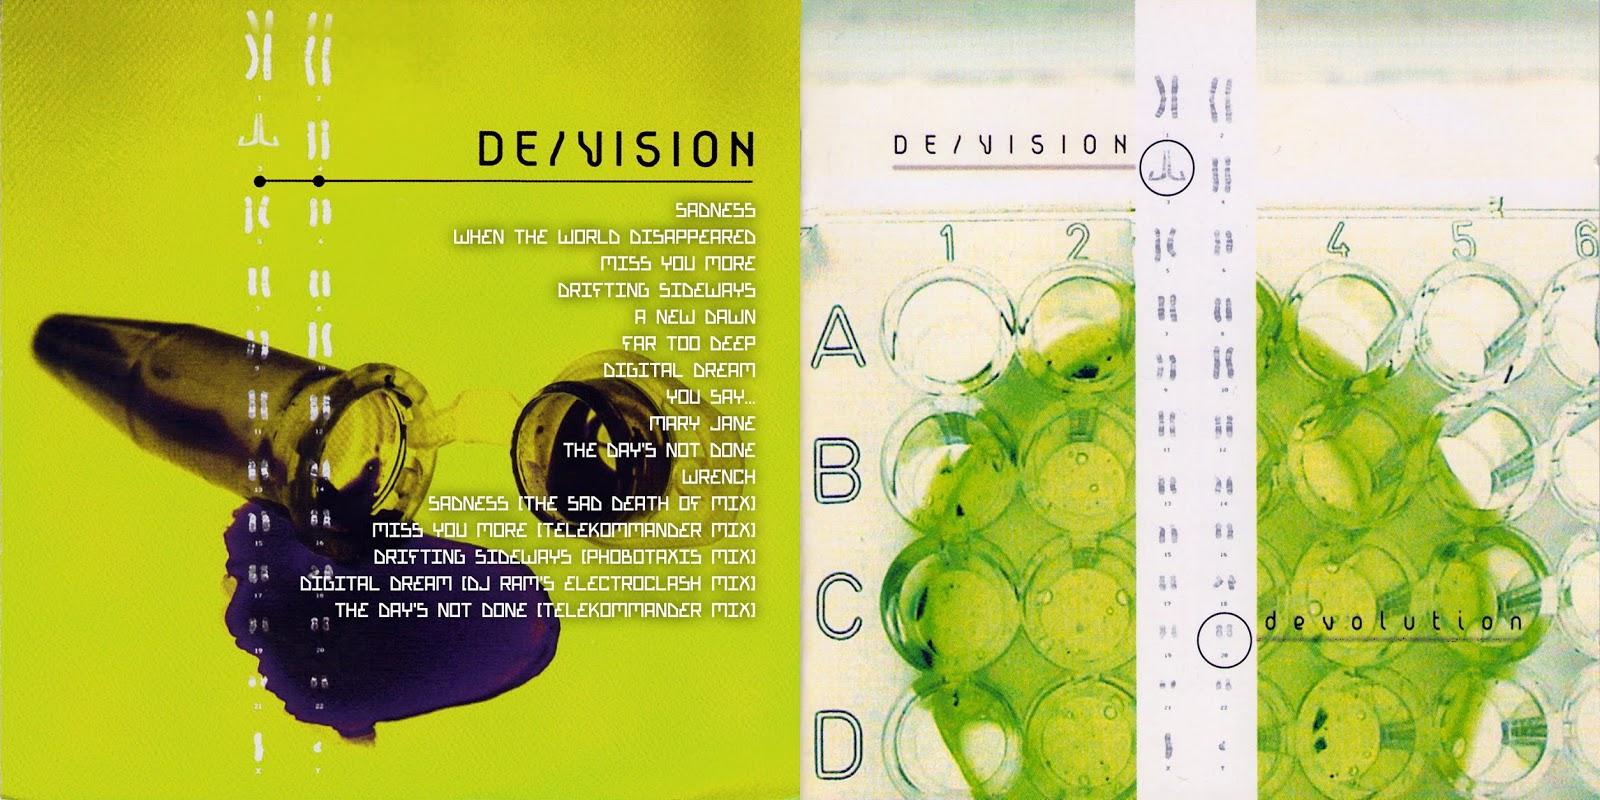 De/Vision - Devolution (Special Edition)